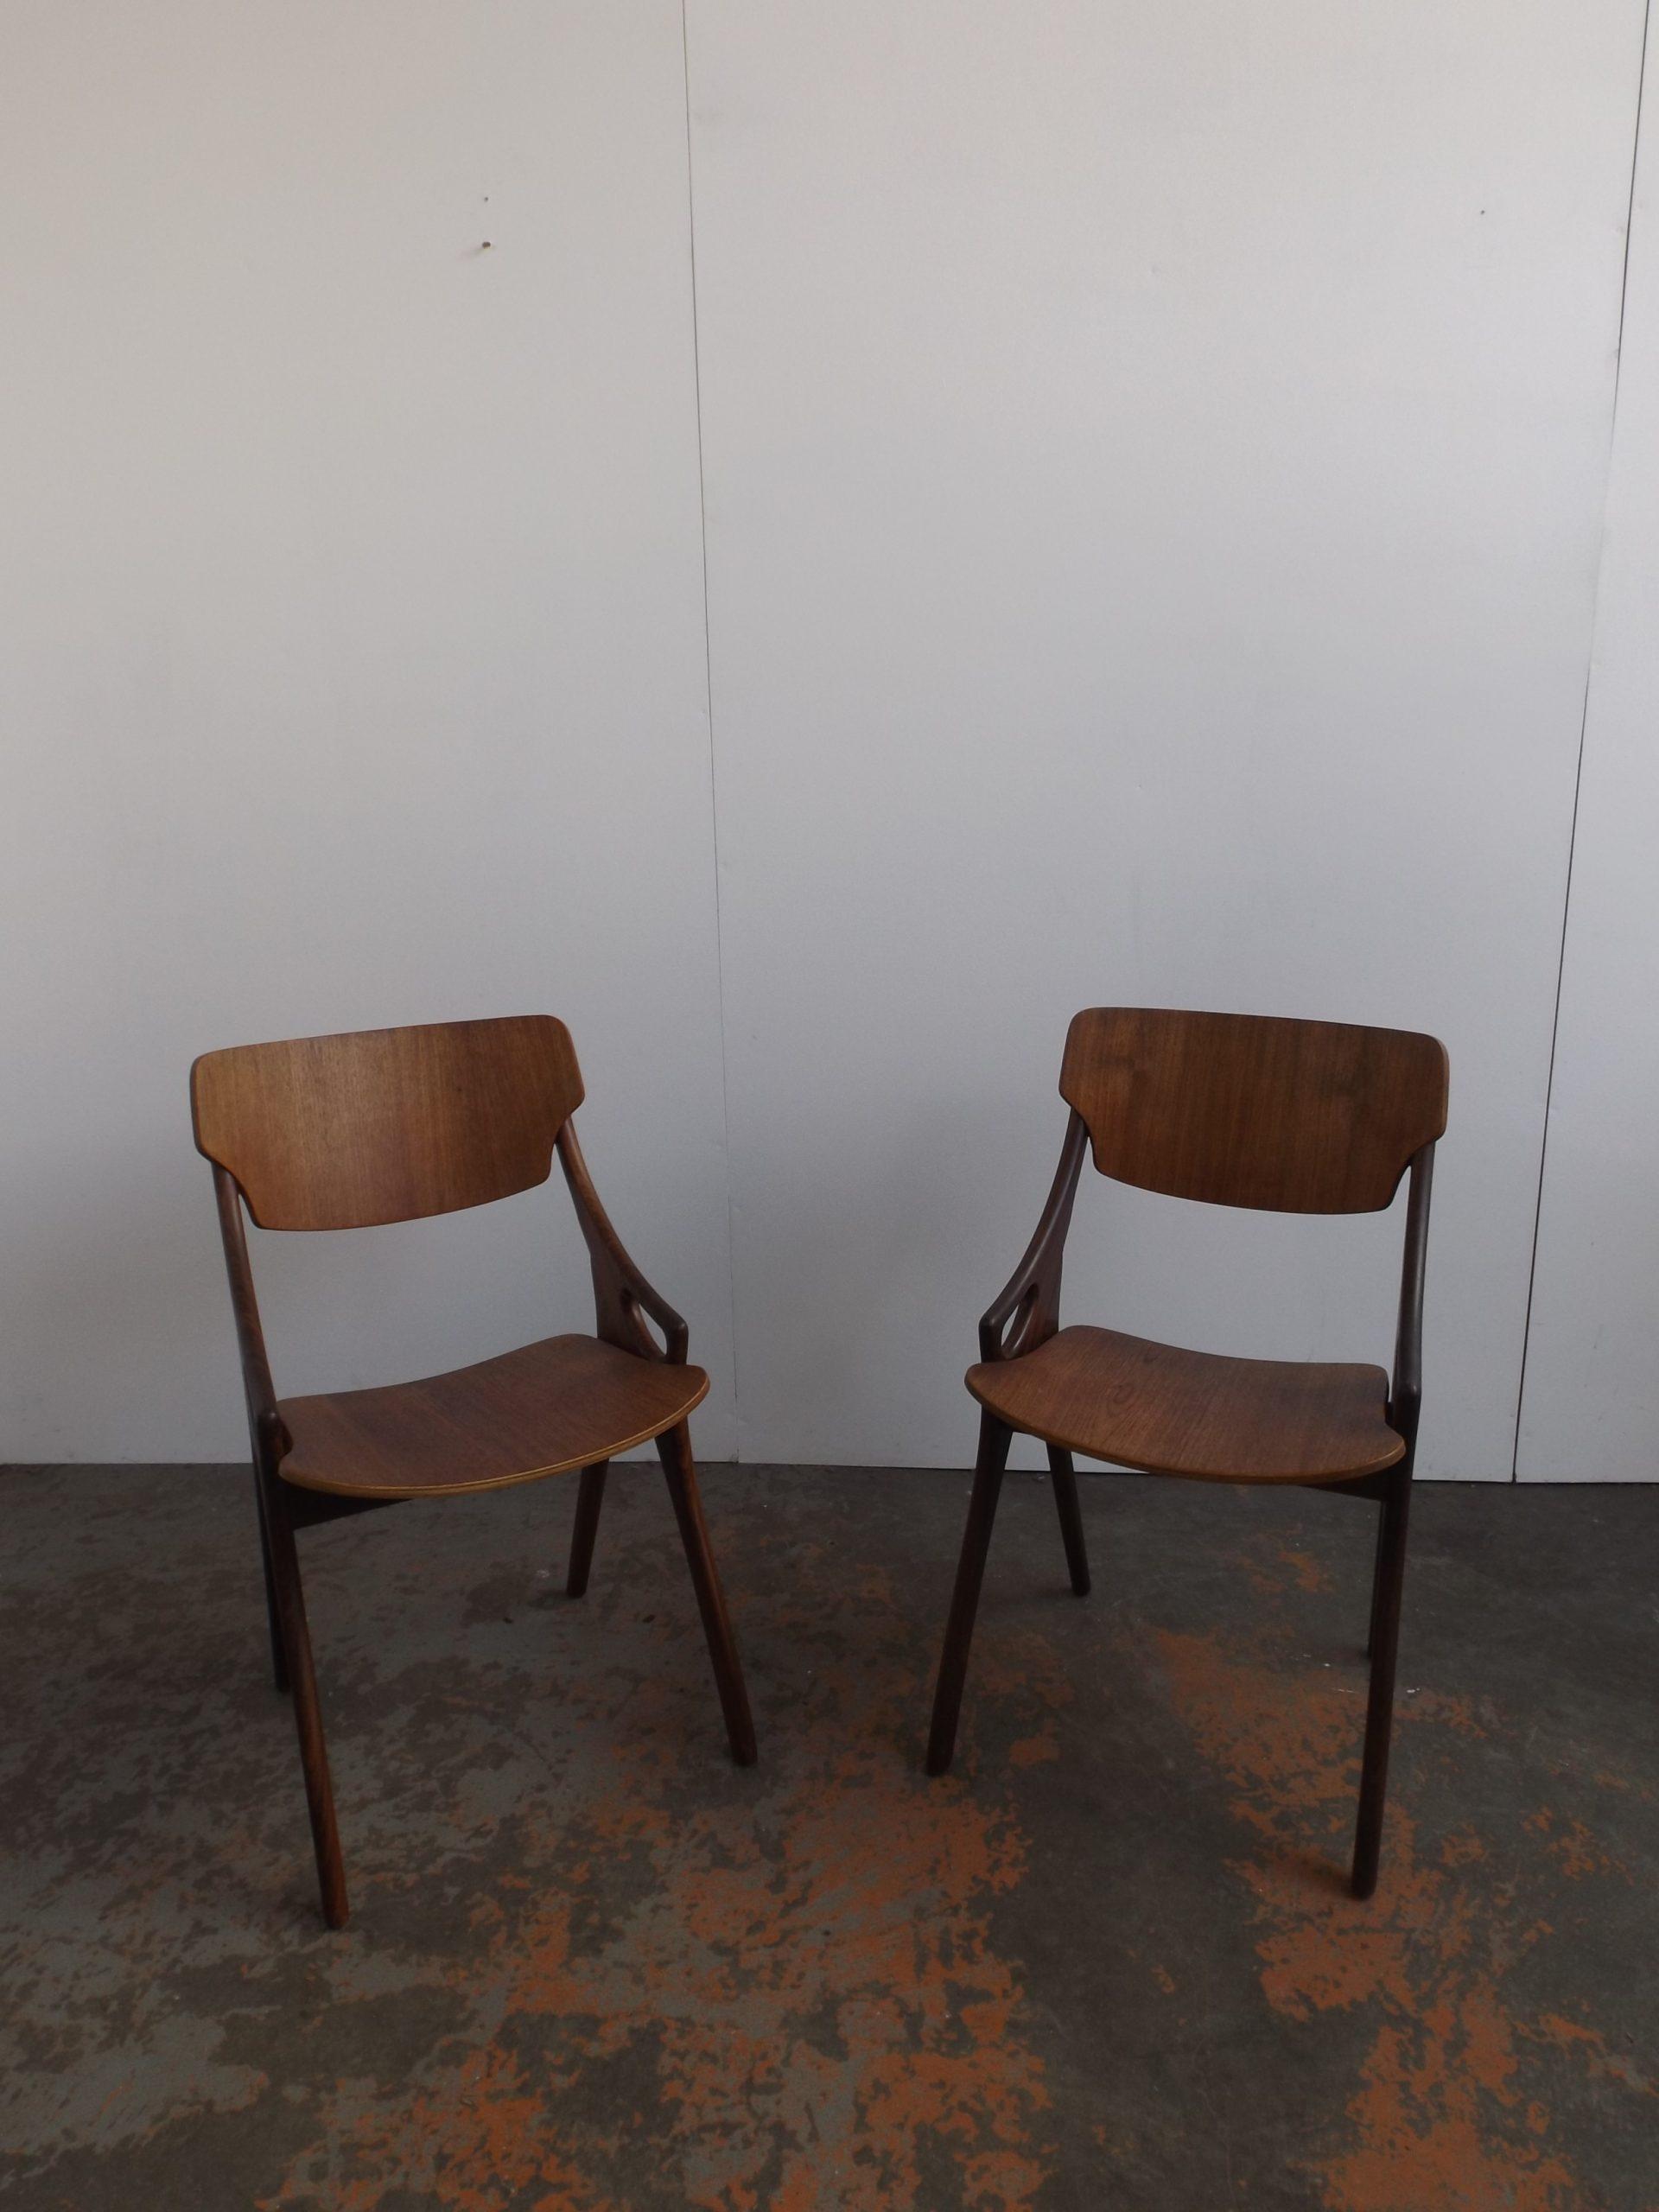 2 Hovmand Olsen Diner chairs